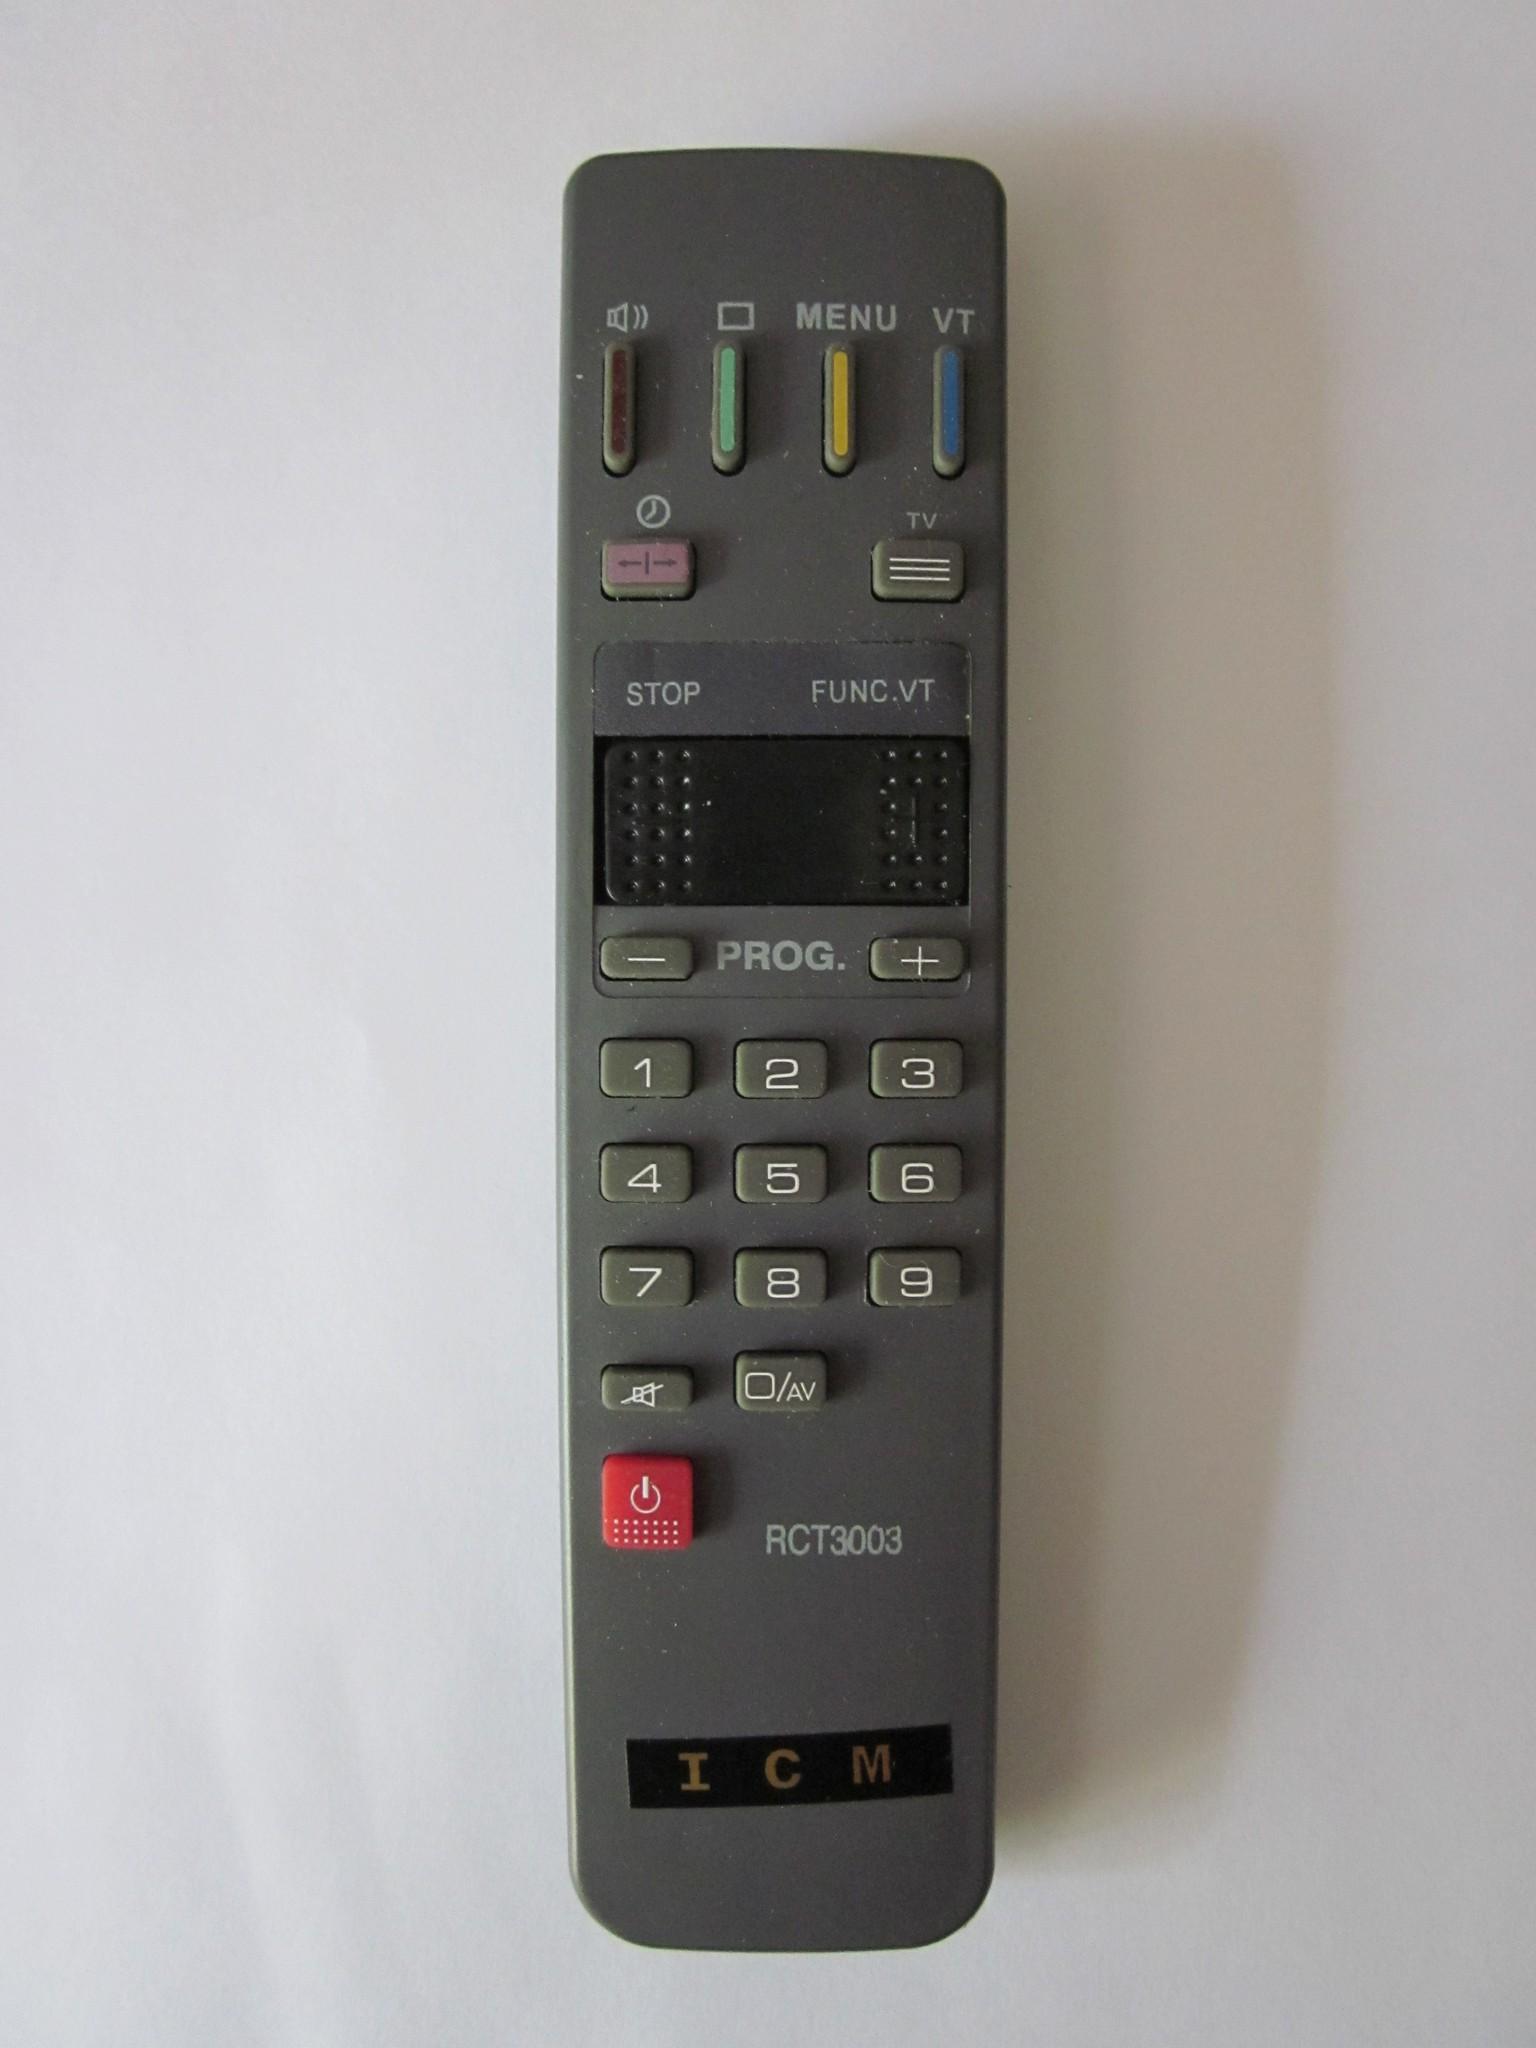 RCT3003